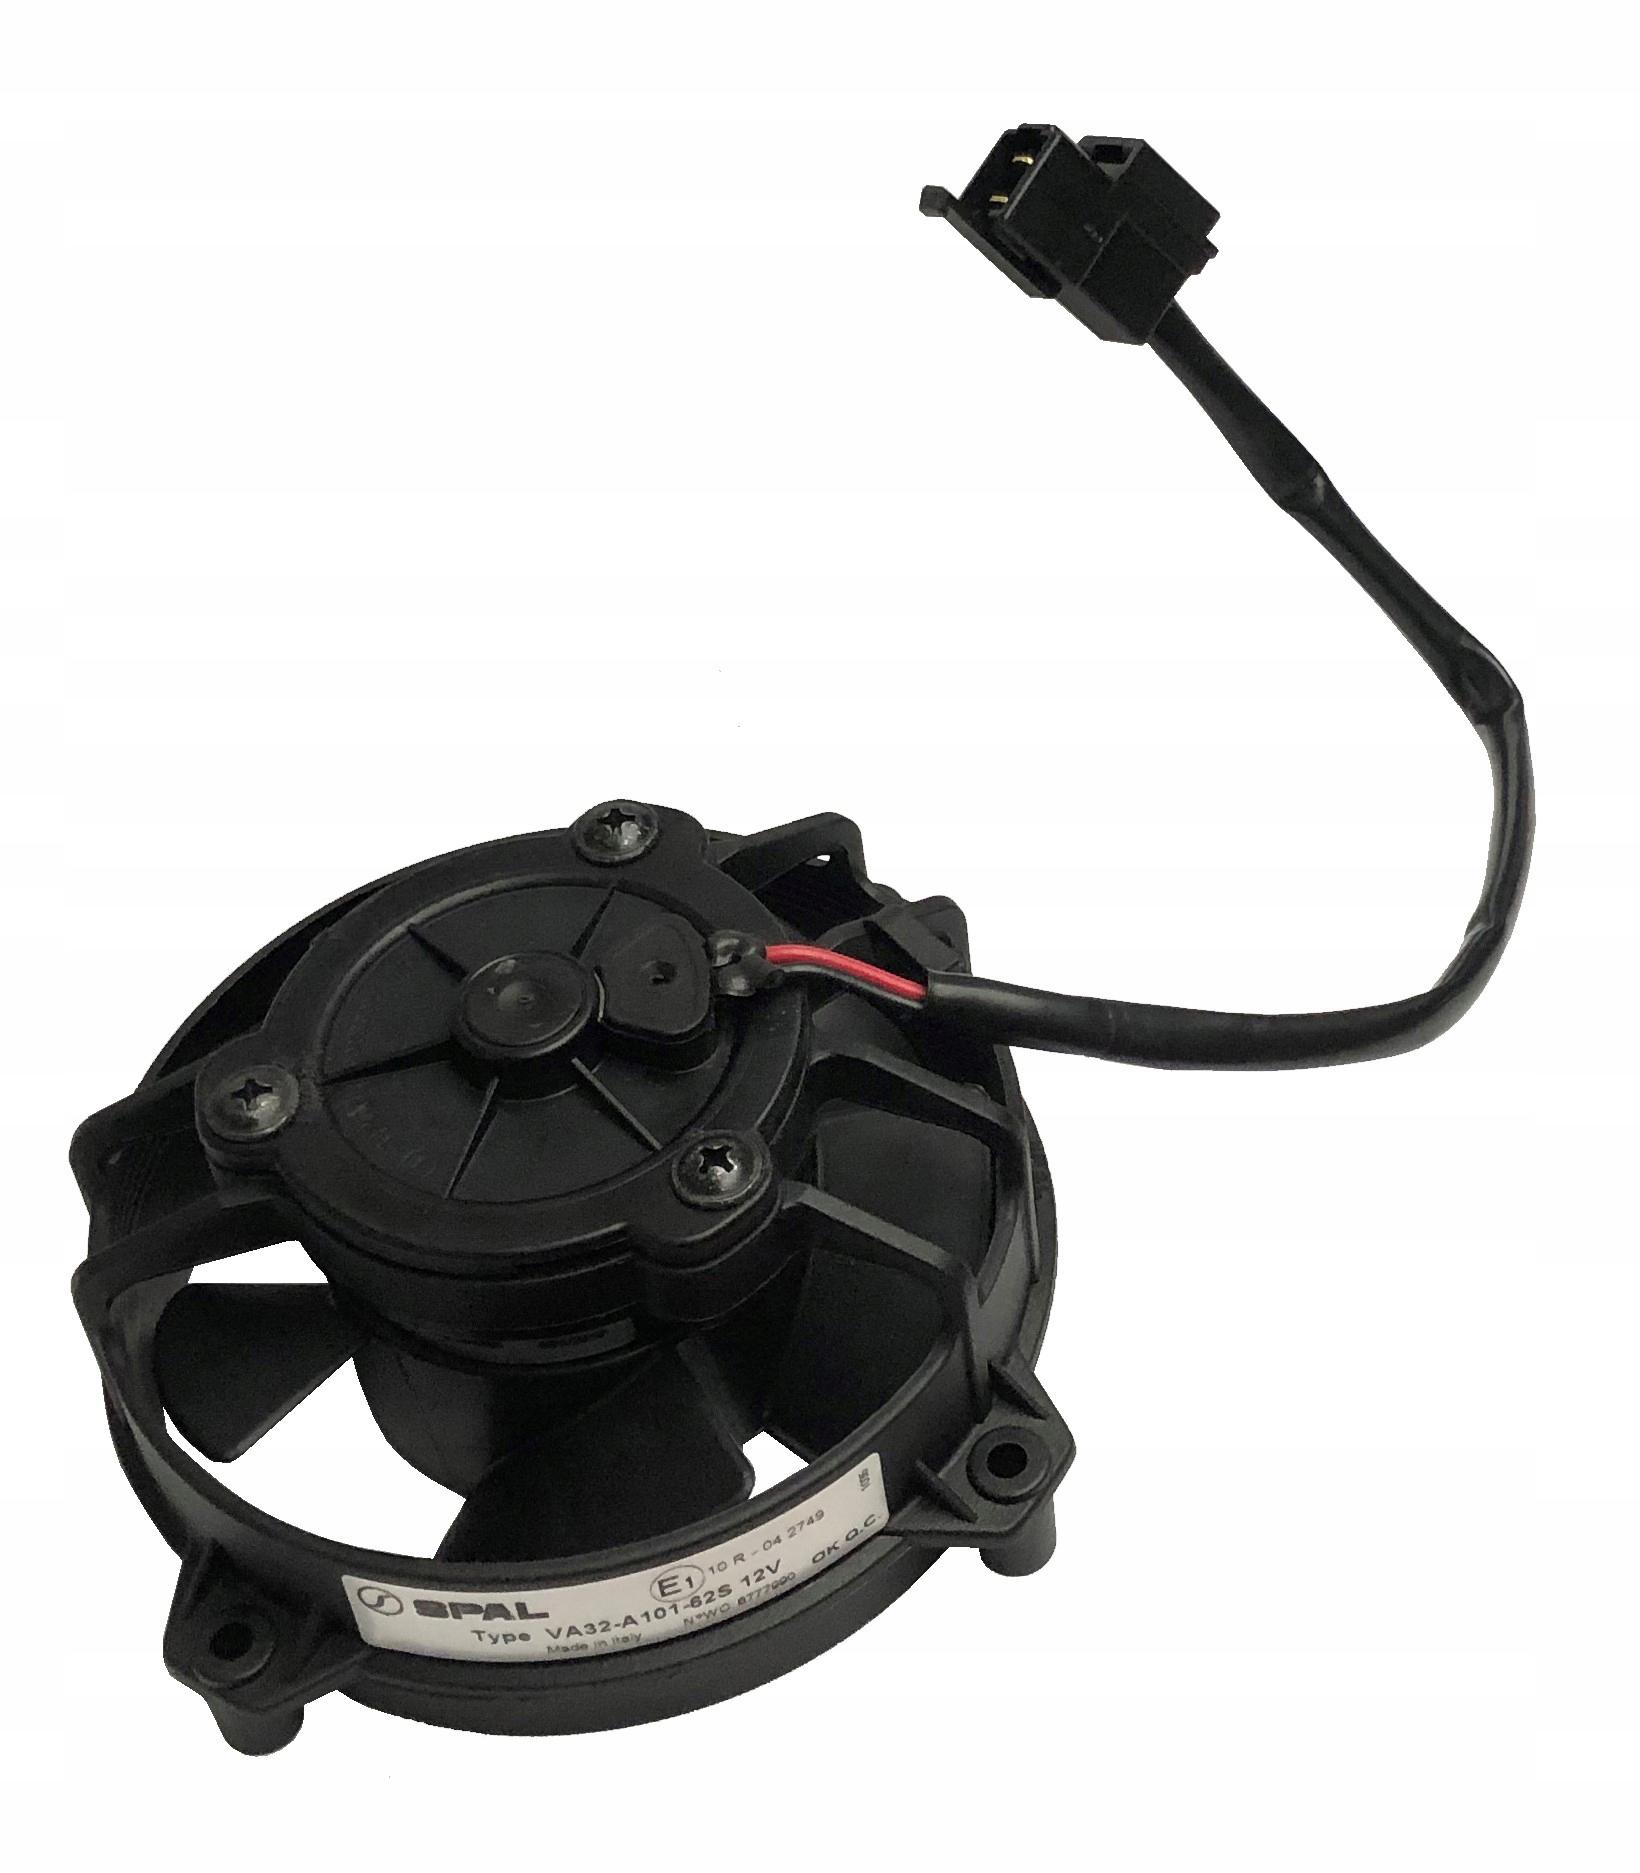 вентилятор сожги va32-a101-62s 12v выдвижной 96 мм